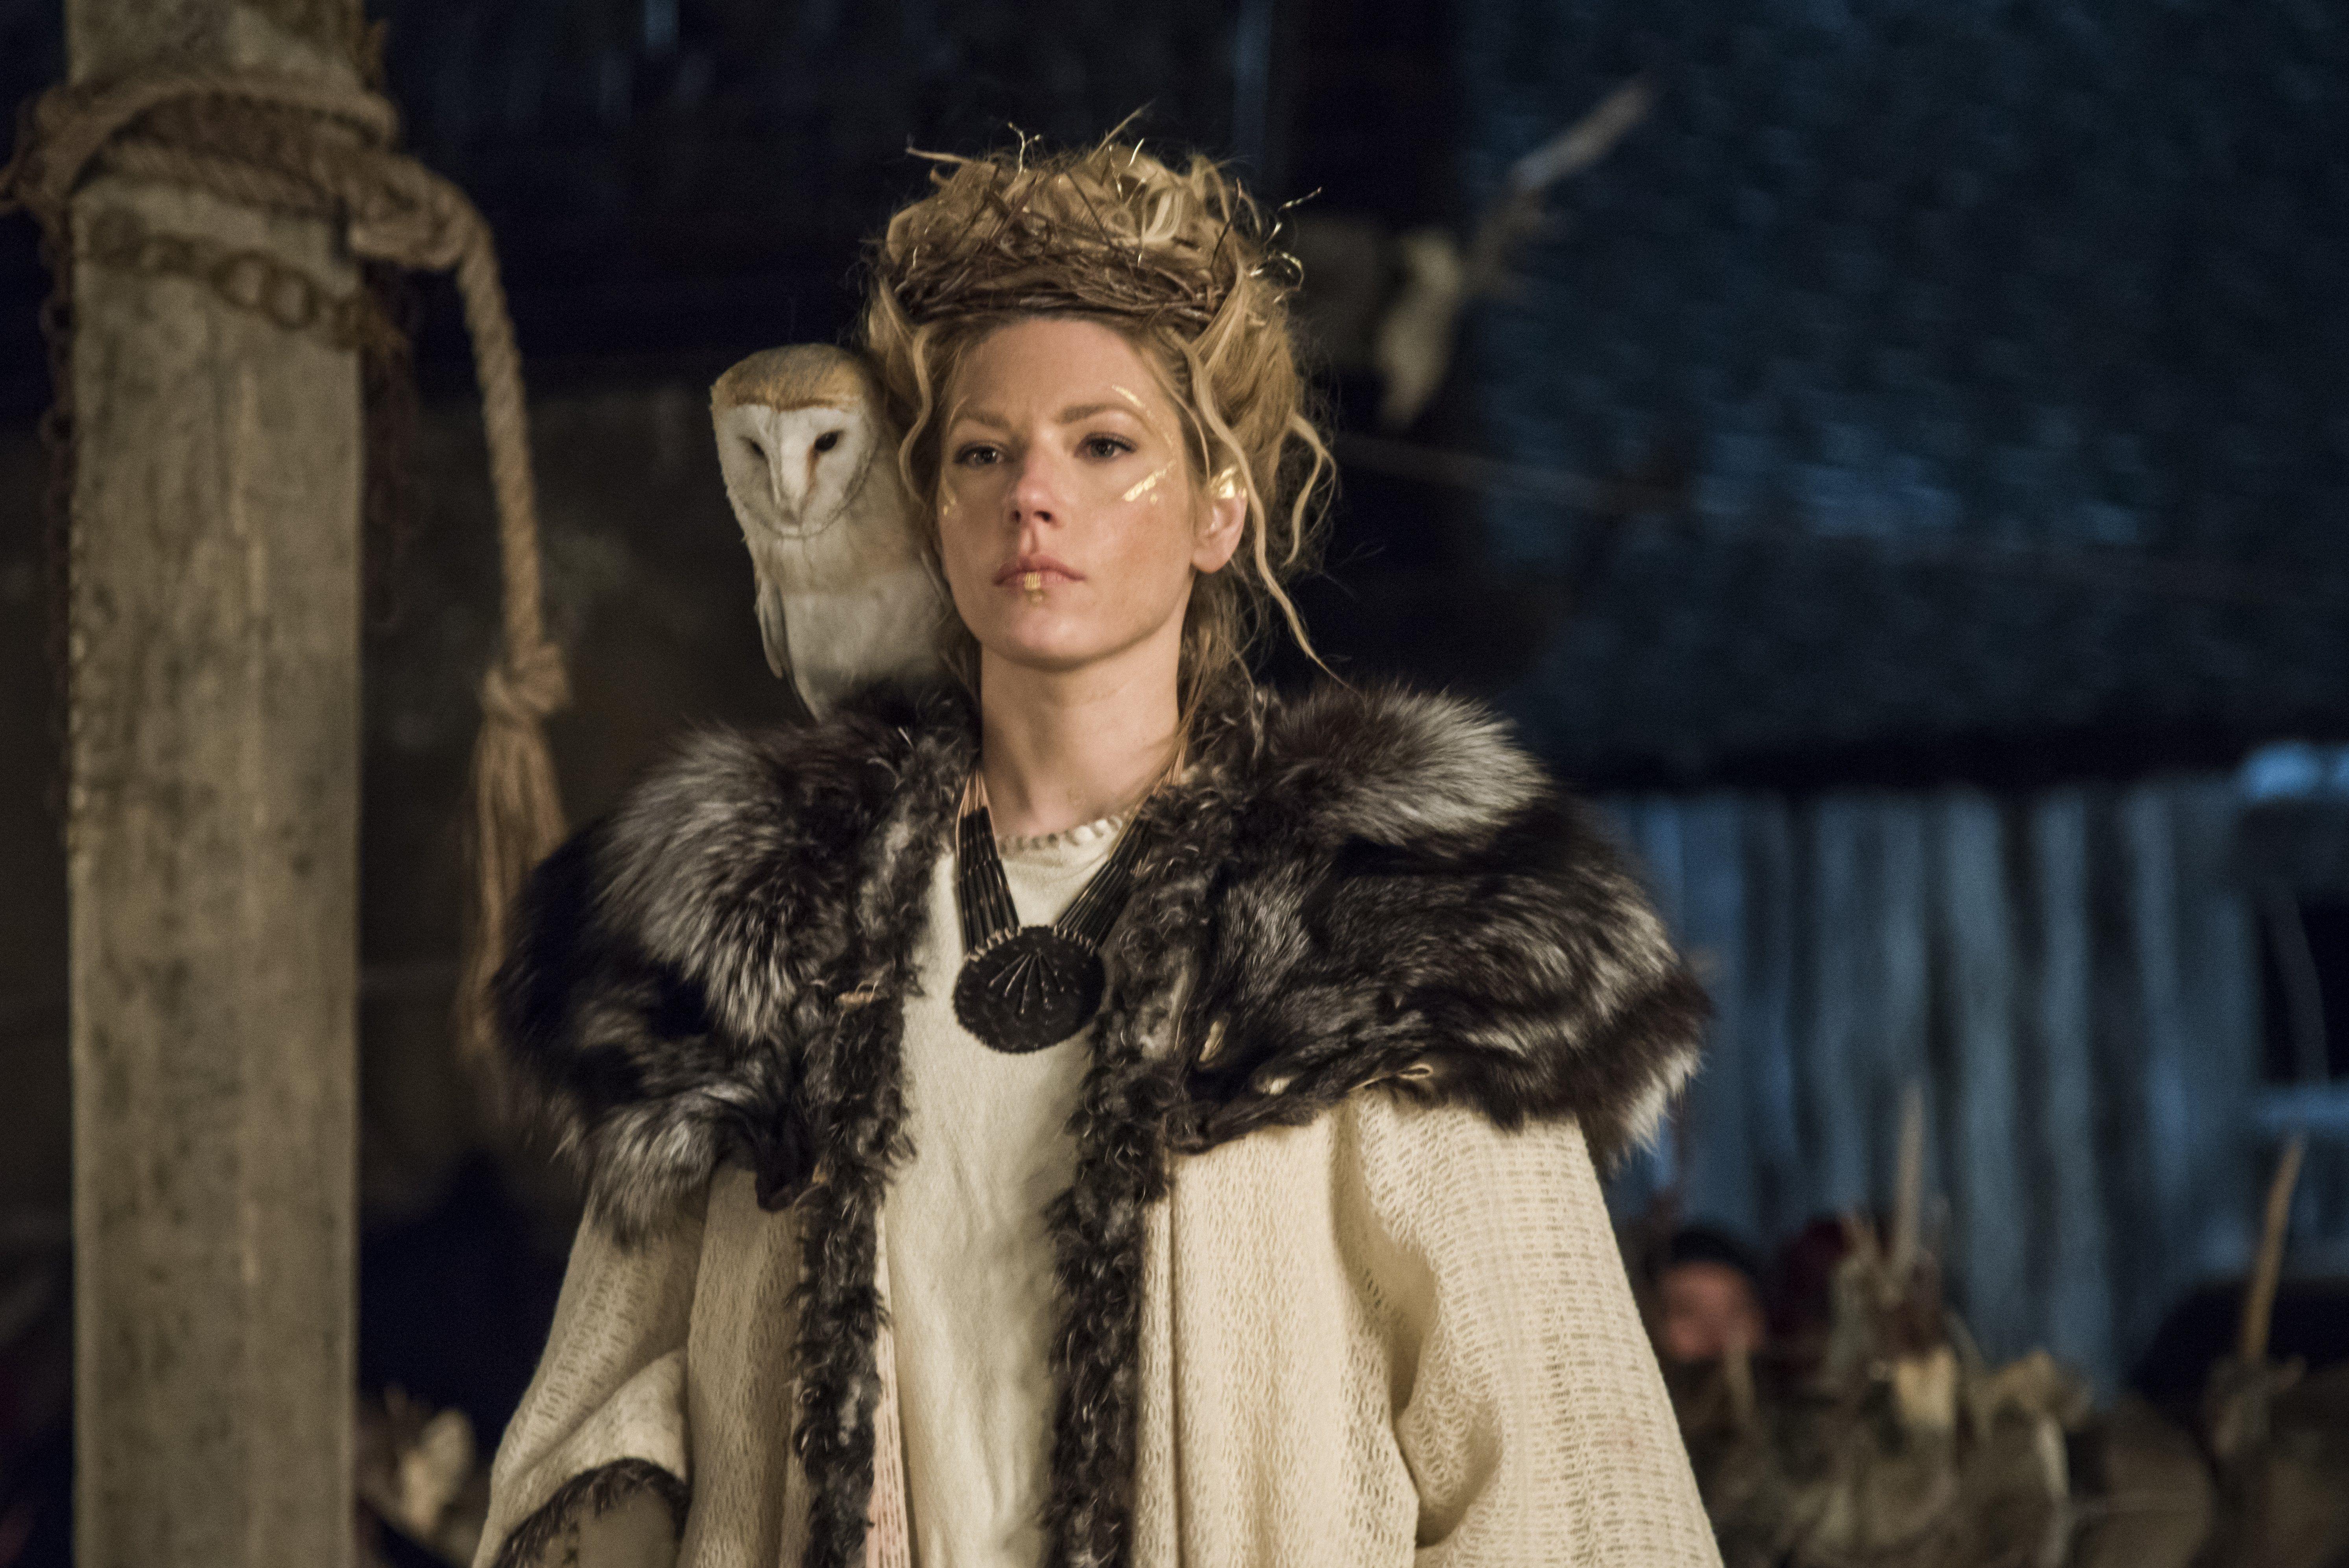 Vikings Calendrier.Epingle Par Myrna Lechuza Sur Lagertha Pinterest Visages